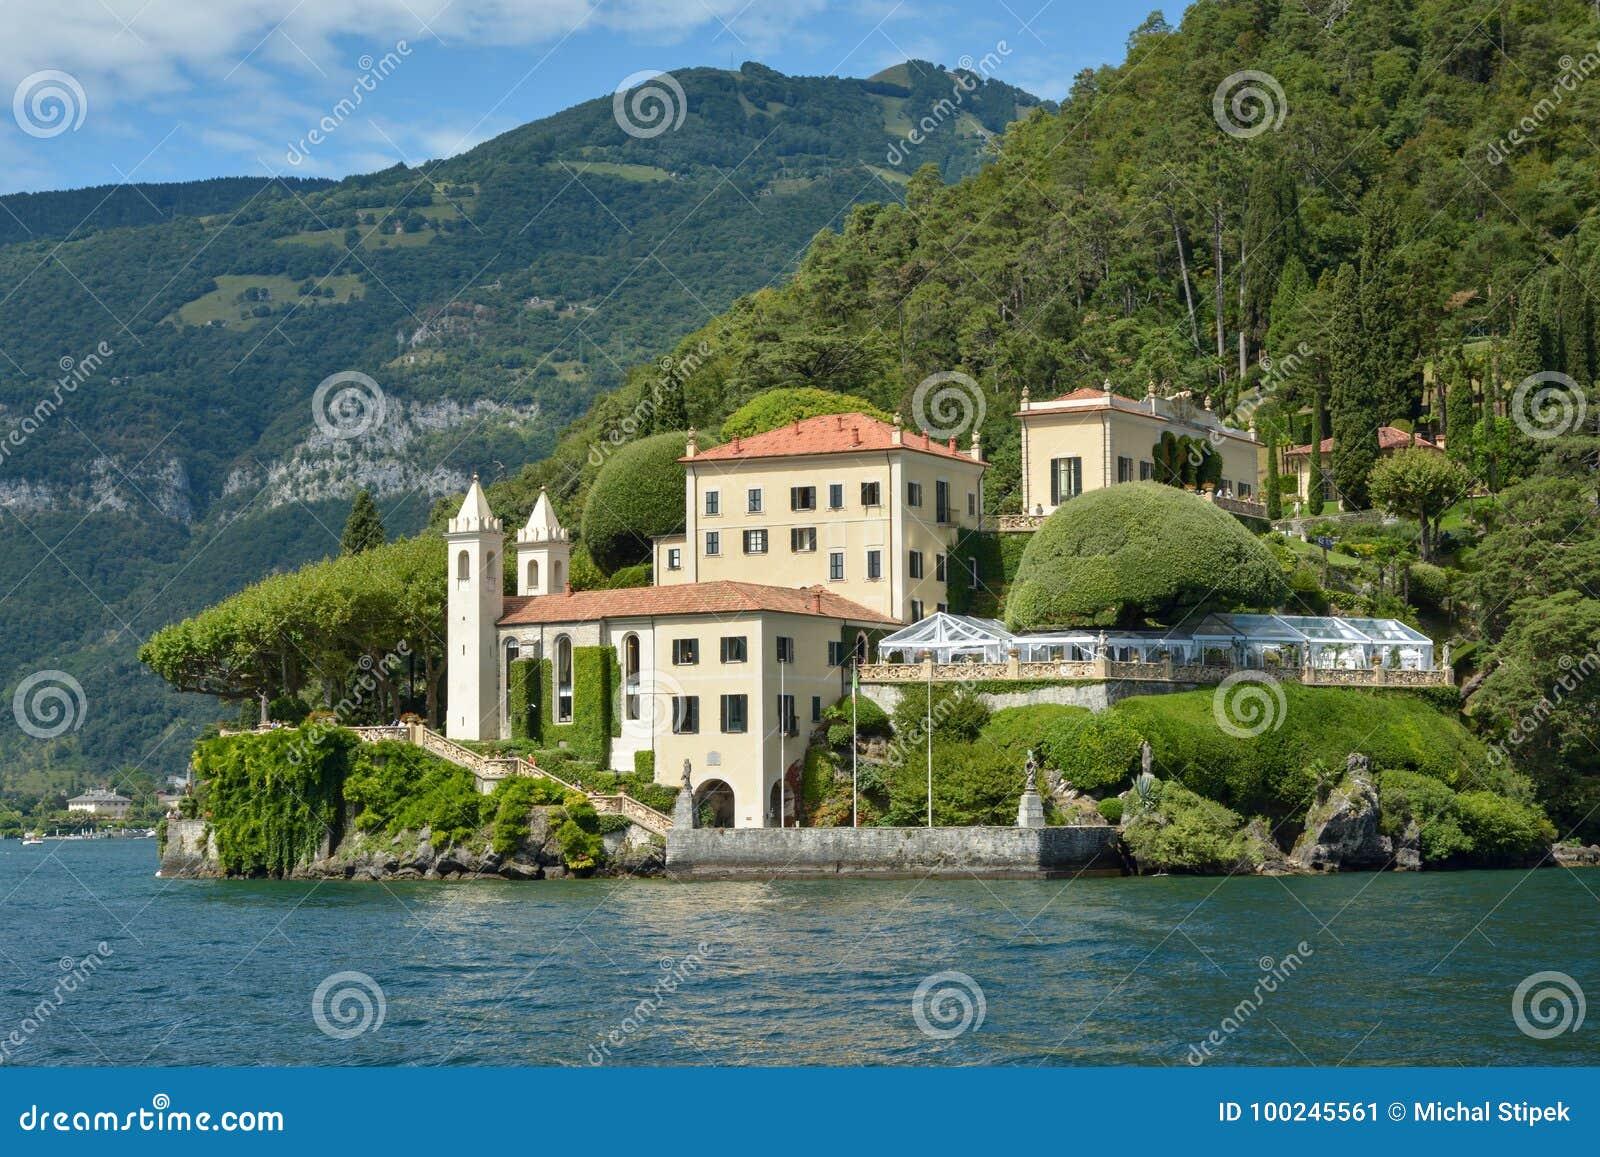 Villa del Balbianello på sjön Como